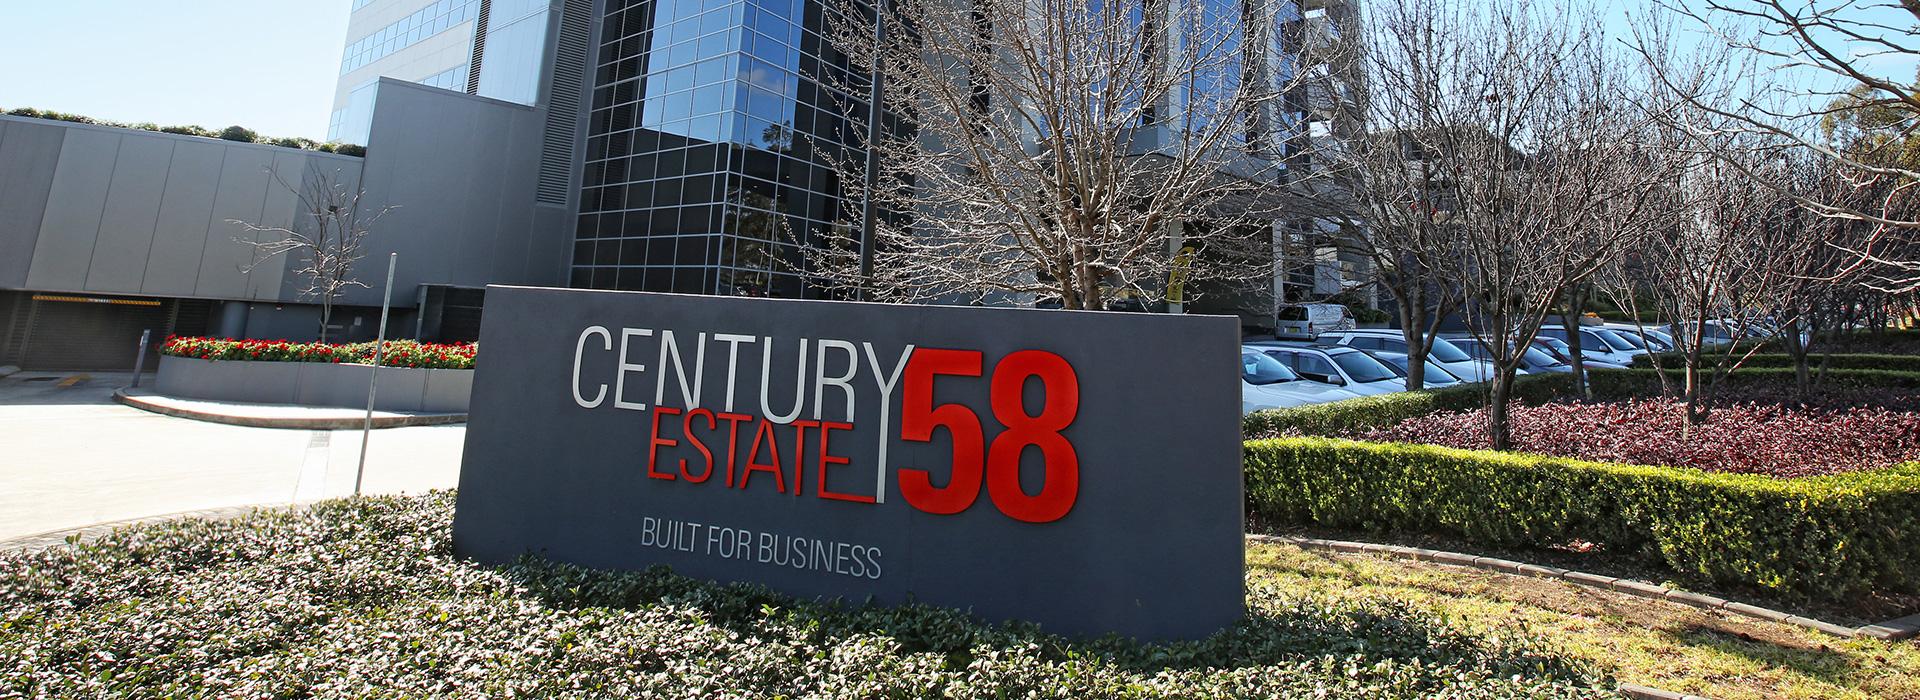 Century Estate